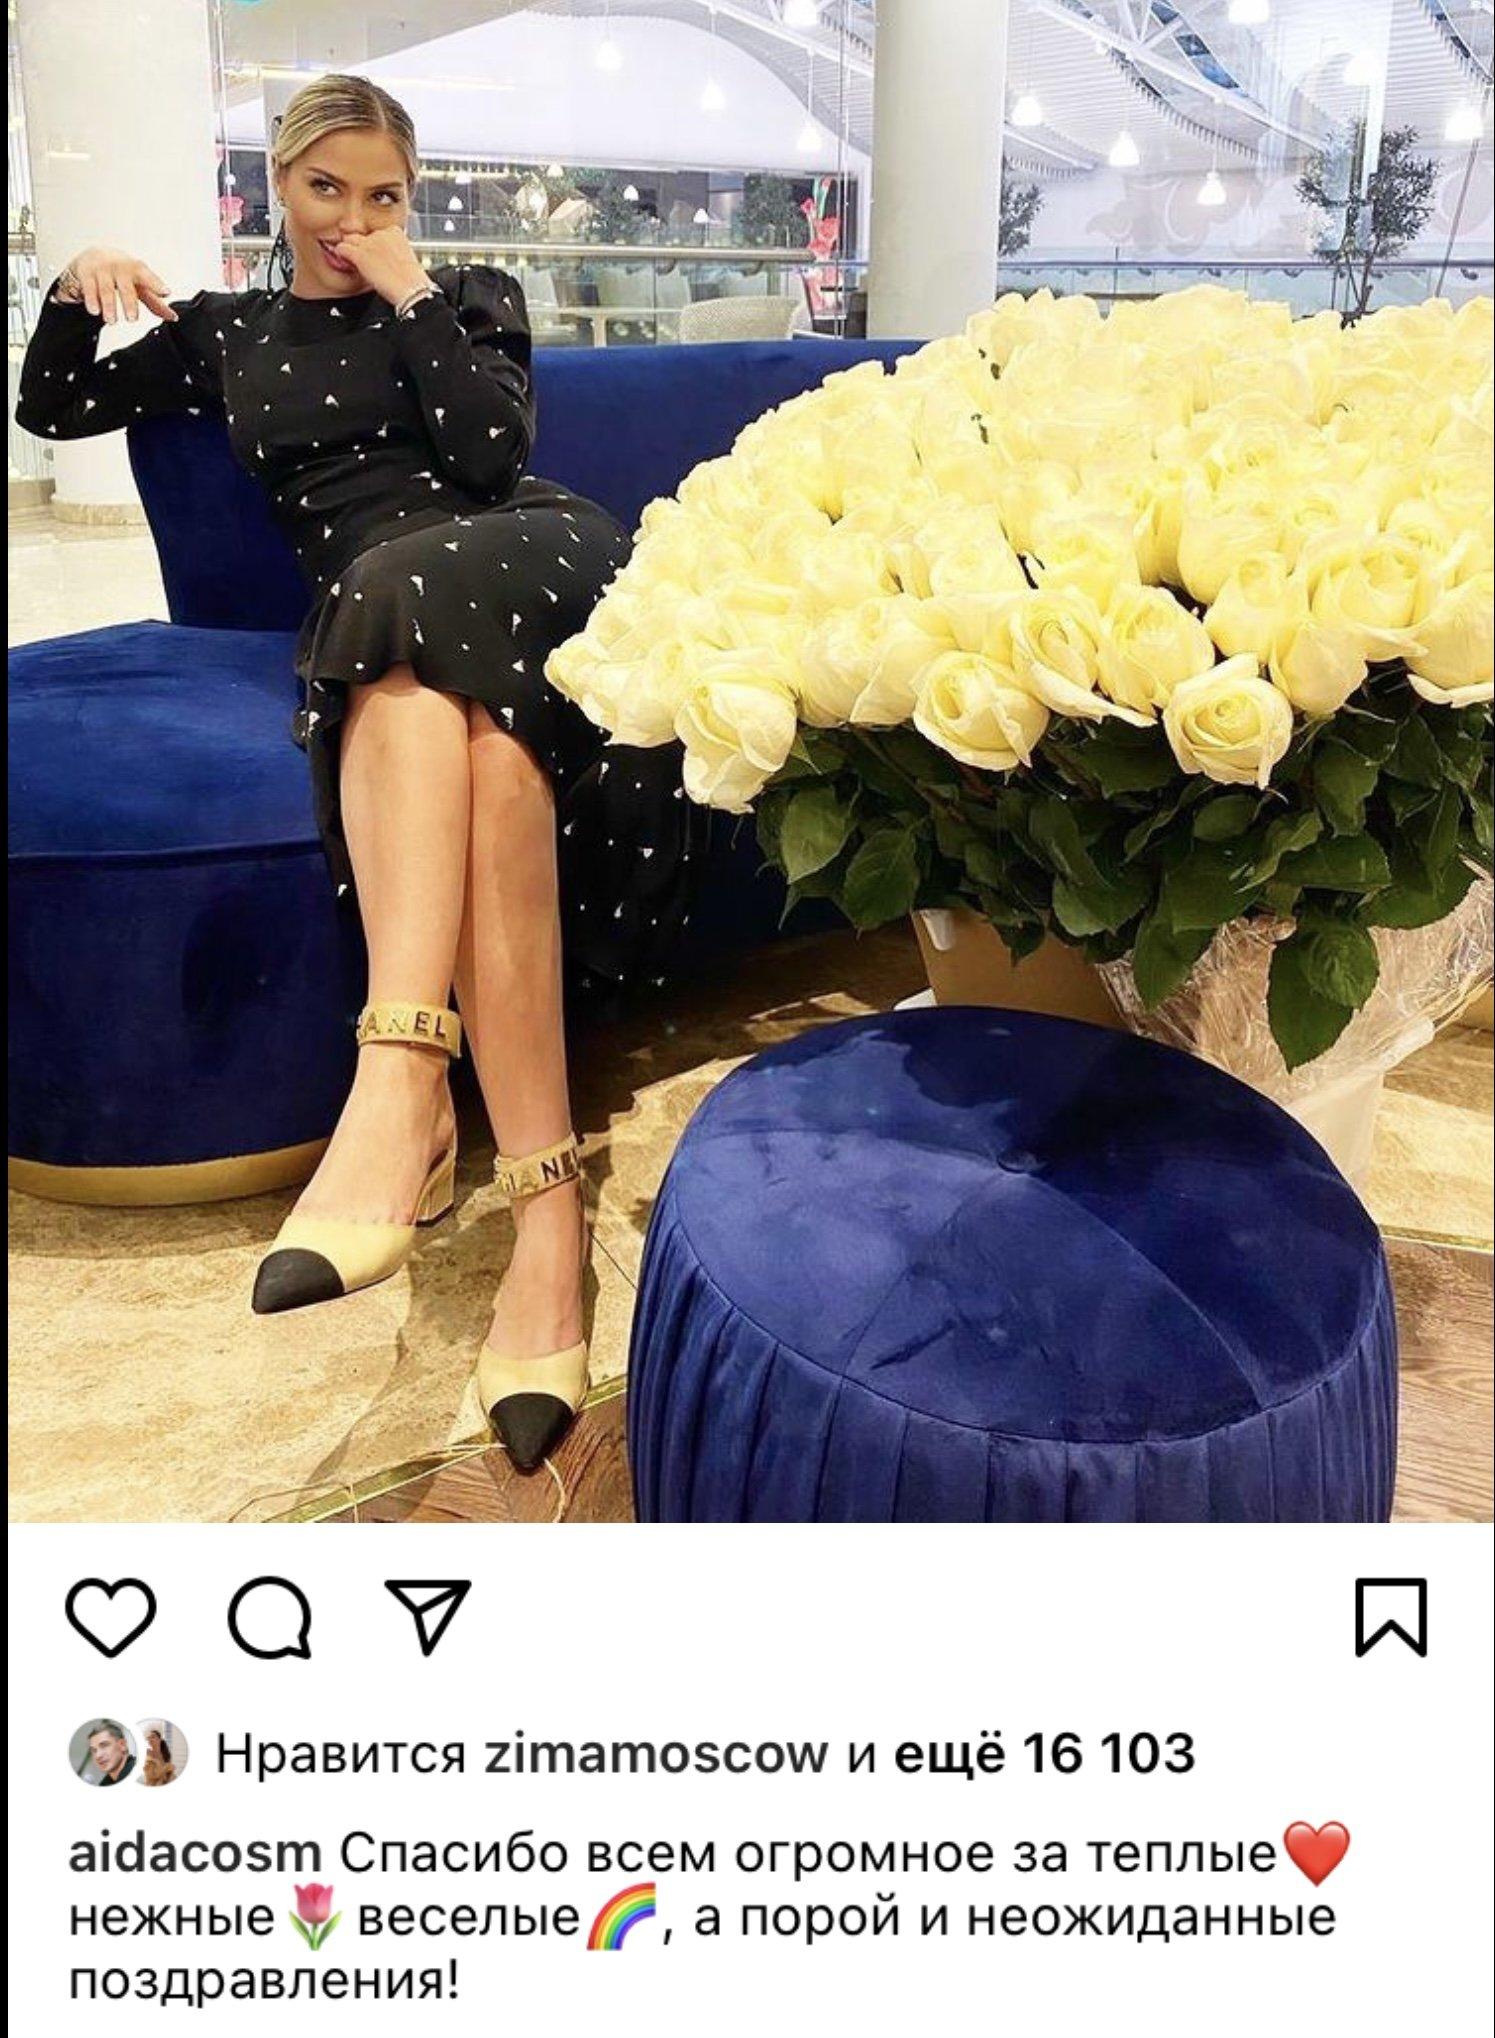 На фоне слухов о разводе, Курбан Омаров преподнёс букет роз подруге Ксении Бородиной